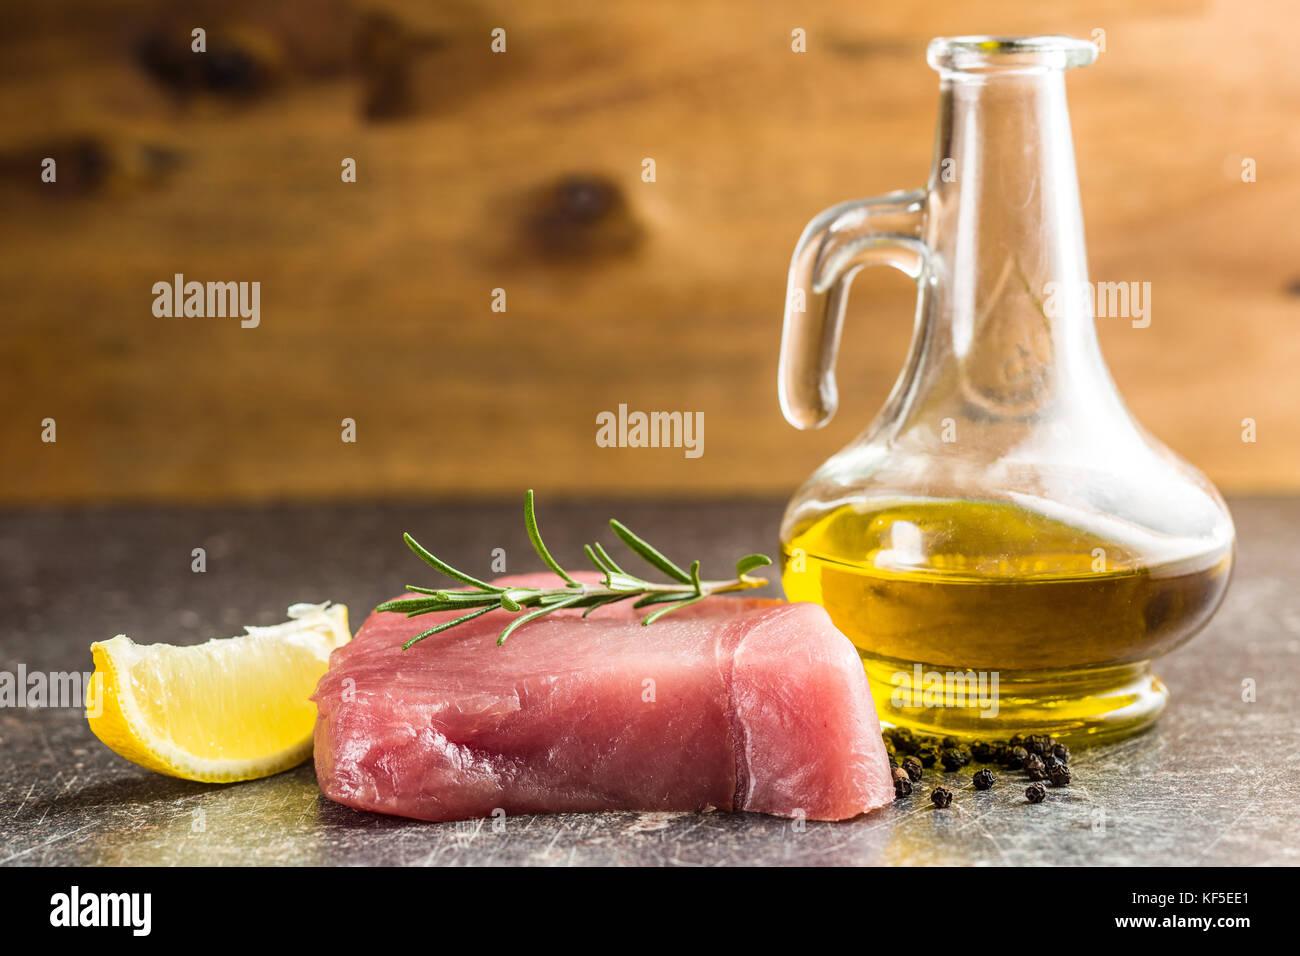 Crudo fresco bistecca di tonno sul vecchio tavolo da cucina. Immagini Stock